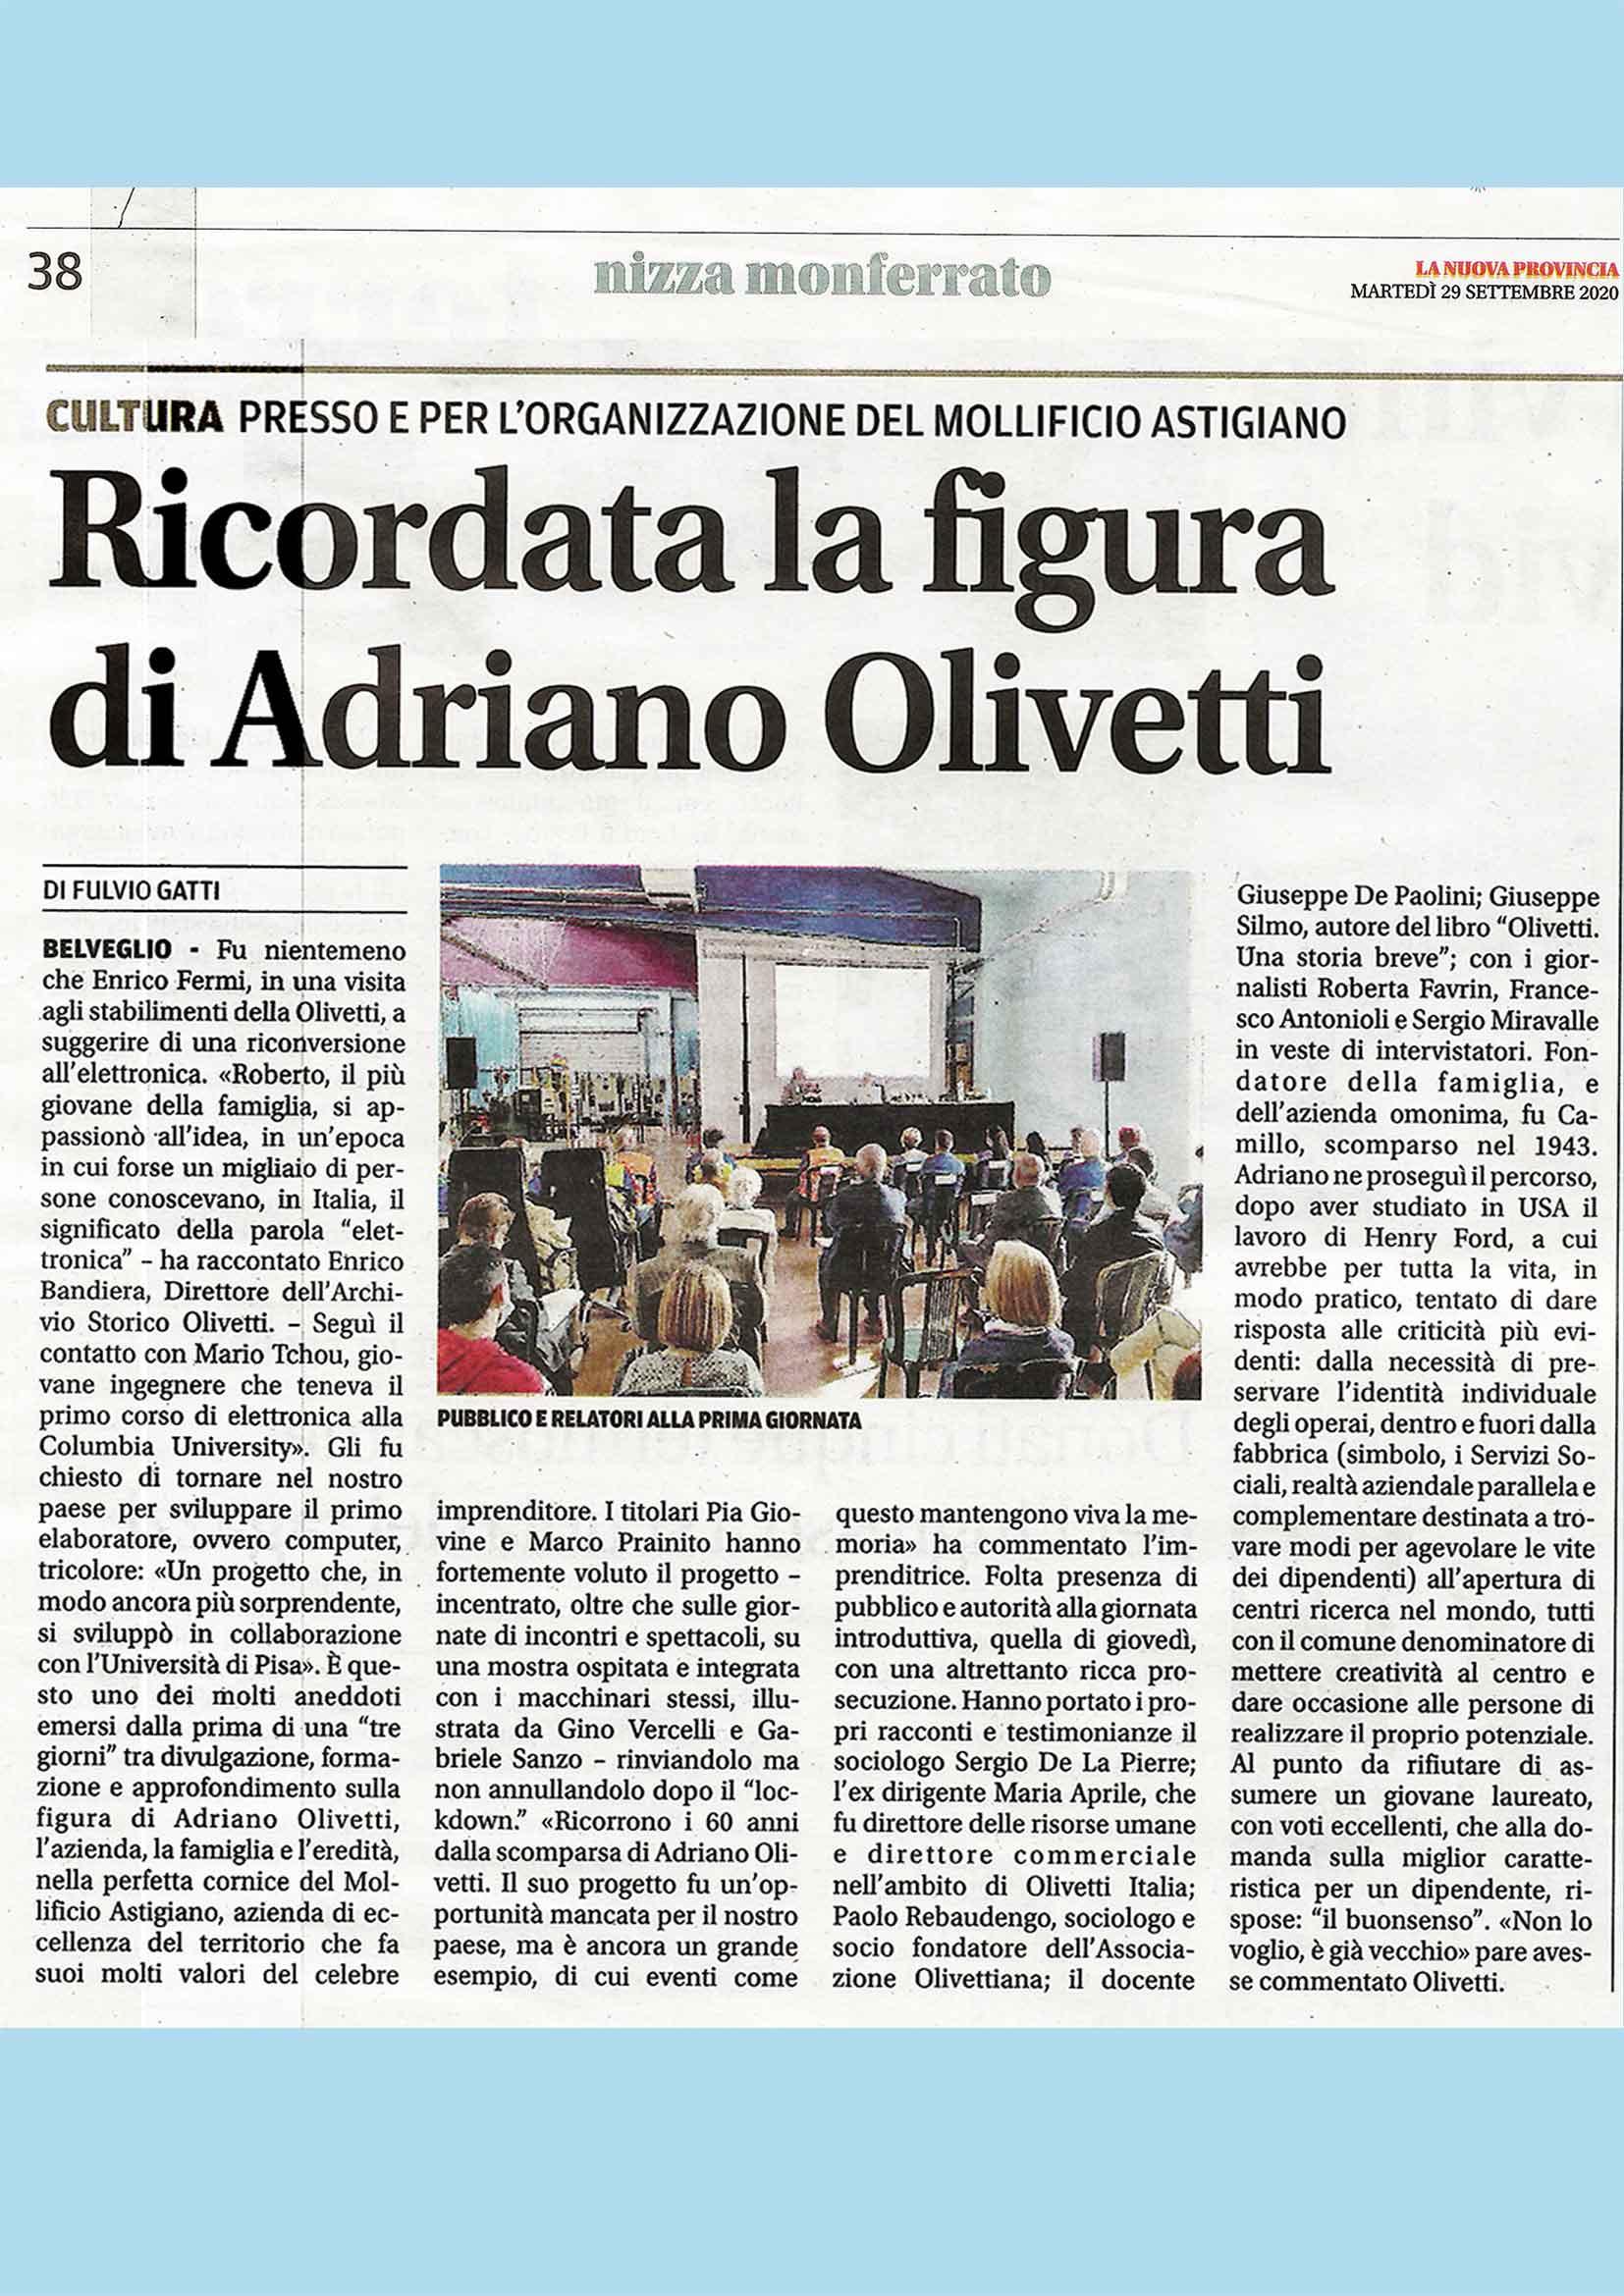 Ricordata-la-figura-di-Olivetti-La nuova provincia-29-9-2020